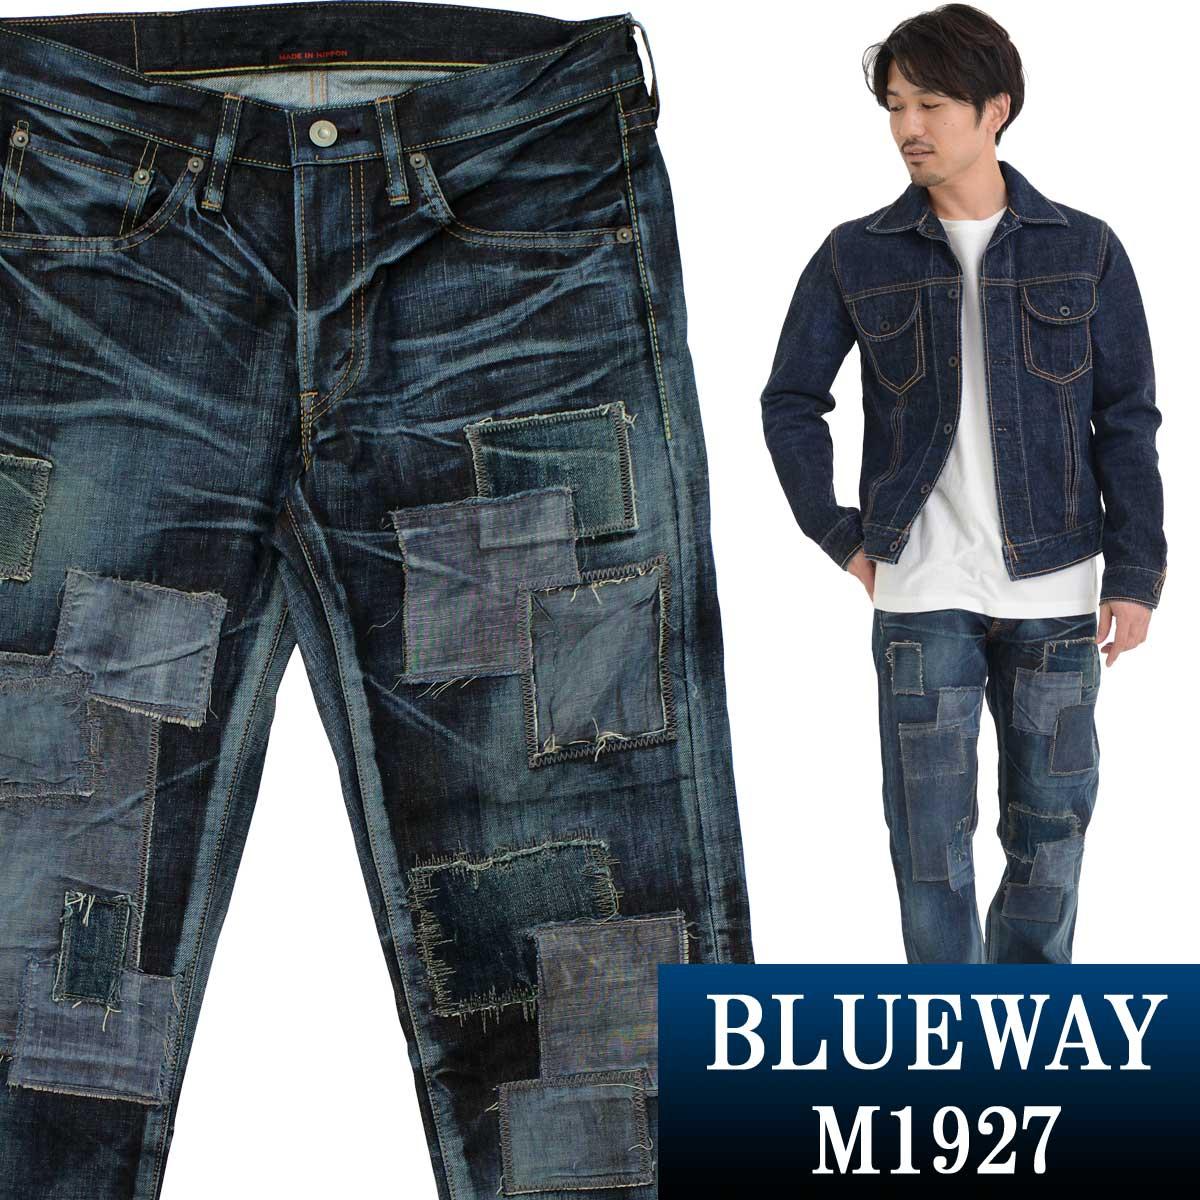 BLUEWAY:13.5ozビンテージデニム・ストレートジーンズ(リペアパッチ):M1927-7550 ブルーウェイ ダメージ リメイク メンズ デニム 裾上げ ストレート リメイク